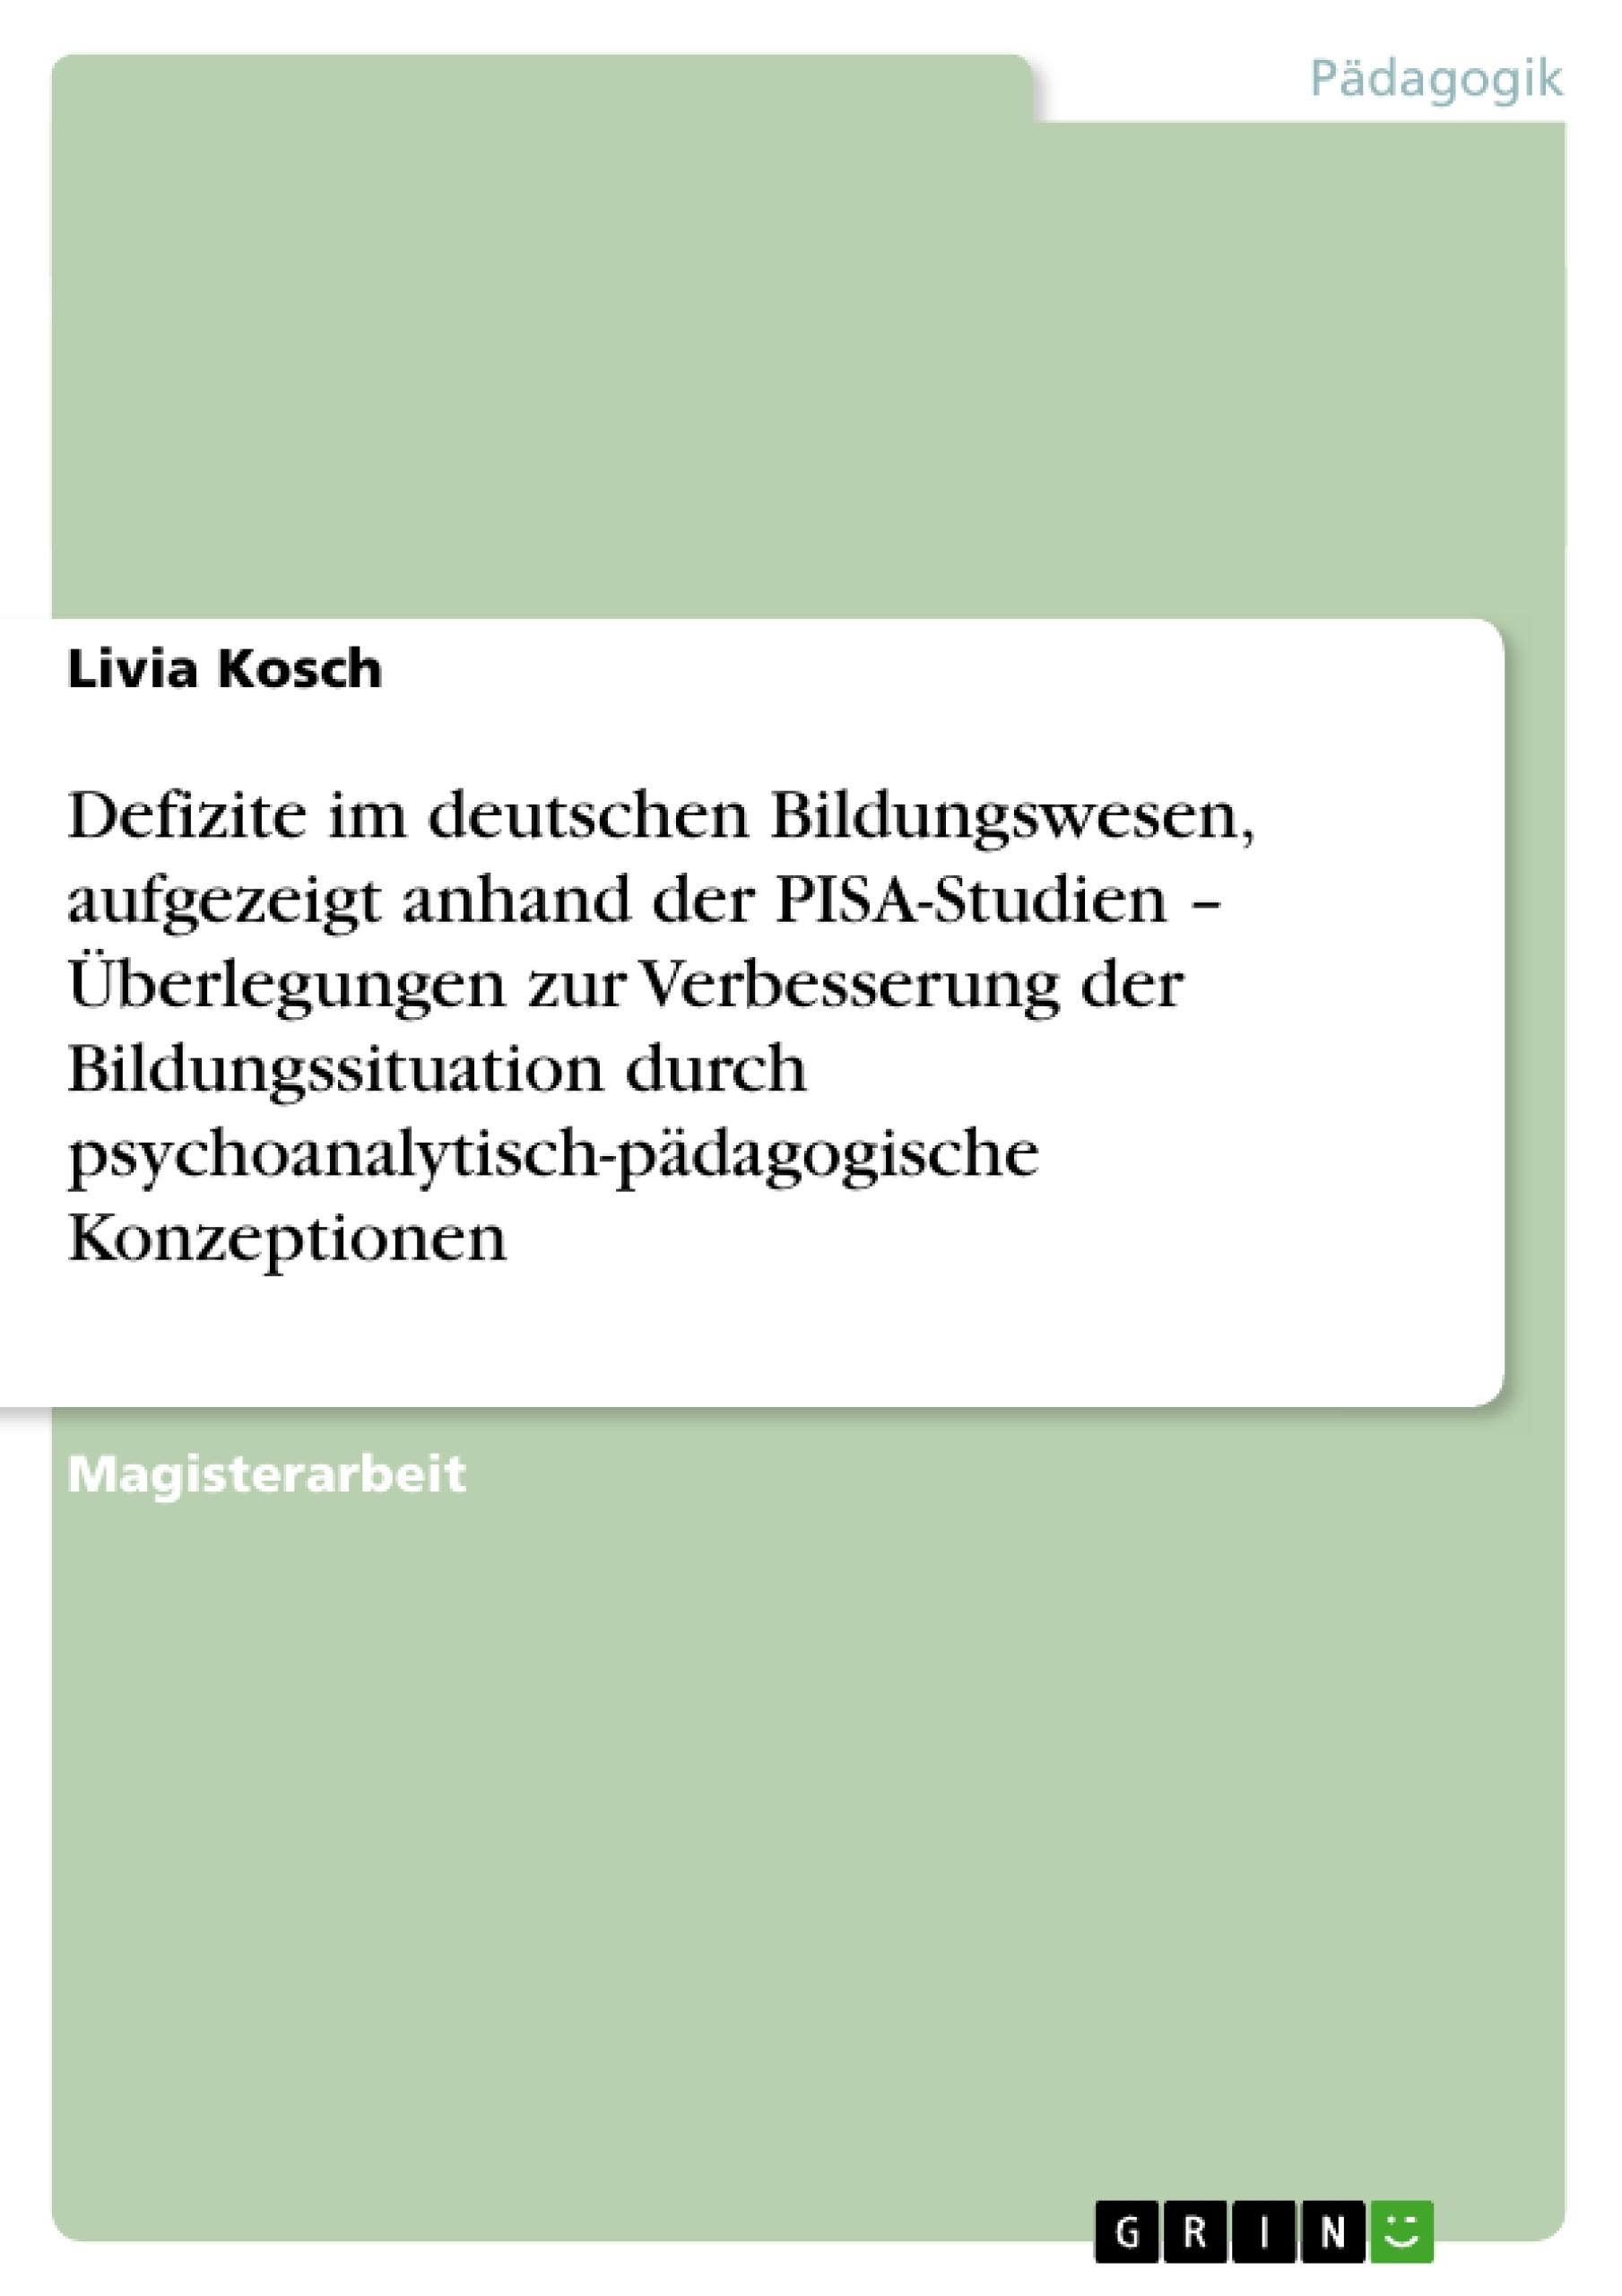 Titel: Defizite im deutschen Bildungswesen, aufgezeigt anhand der PISA-Studien – Überlegungen zur Verbesserung der Bildungssituation durch psychoanalytisch-pädagogische Konzeptionen